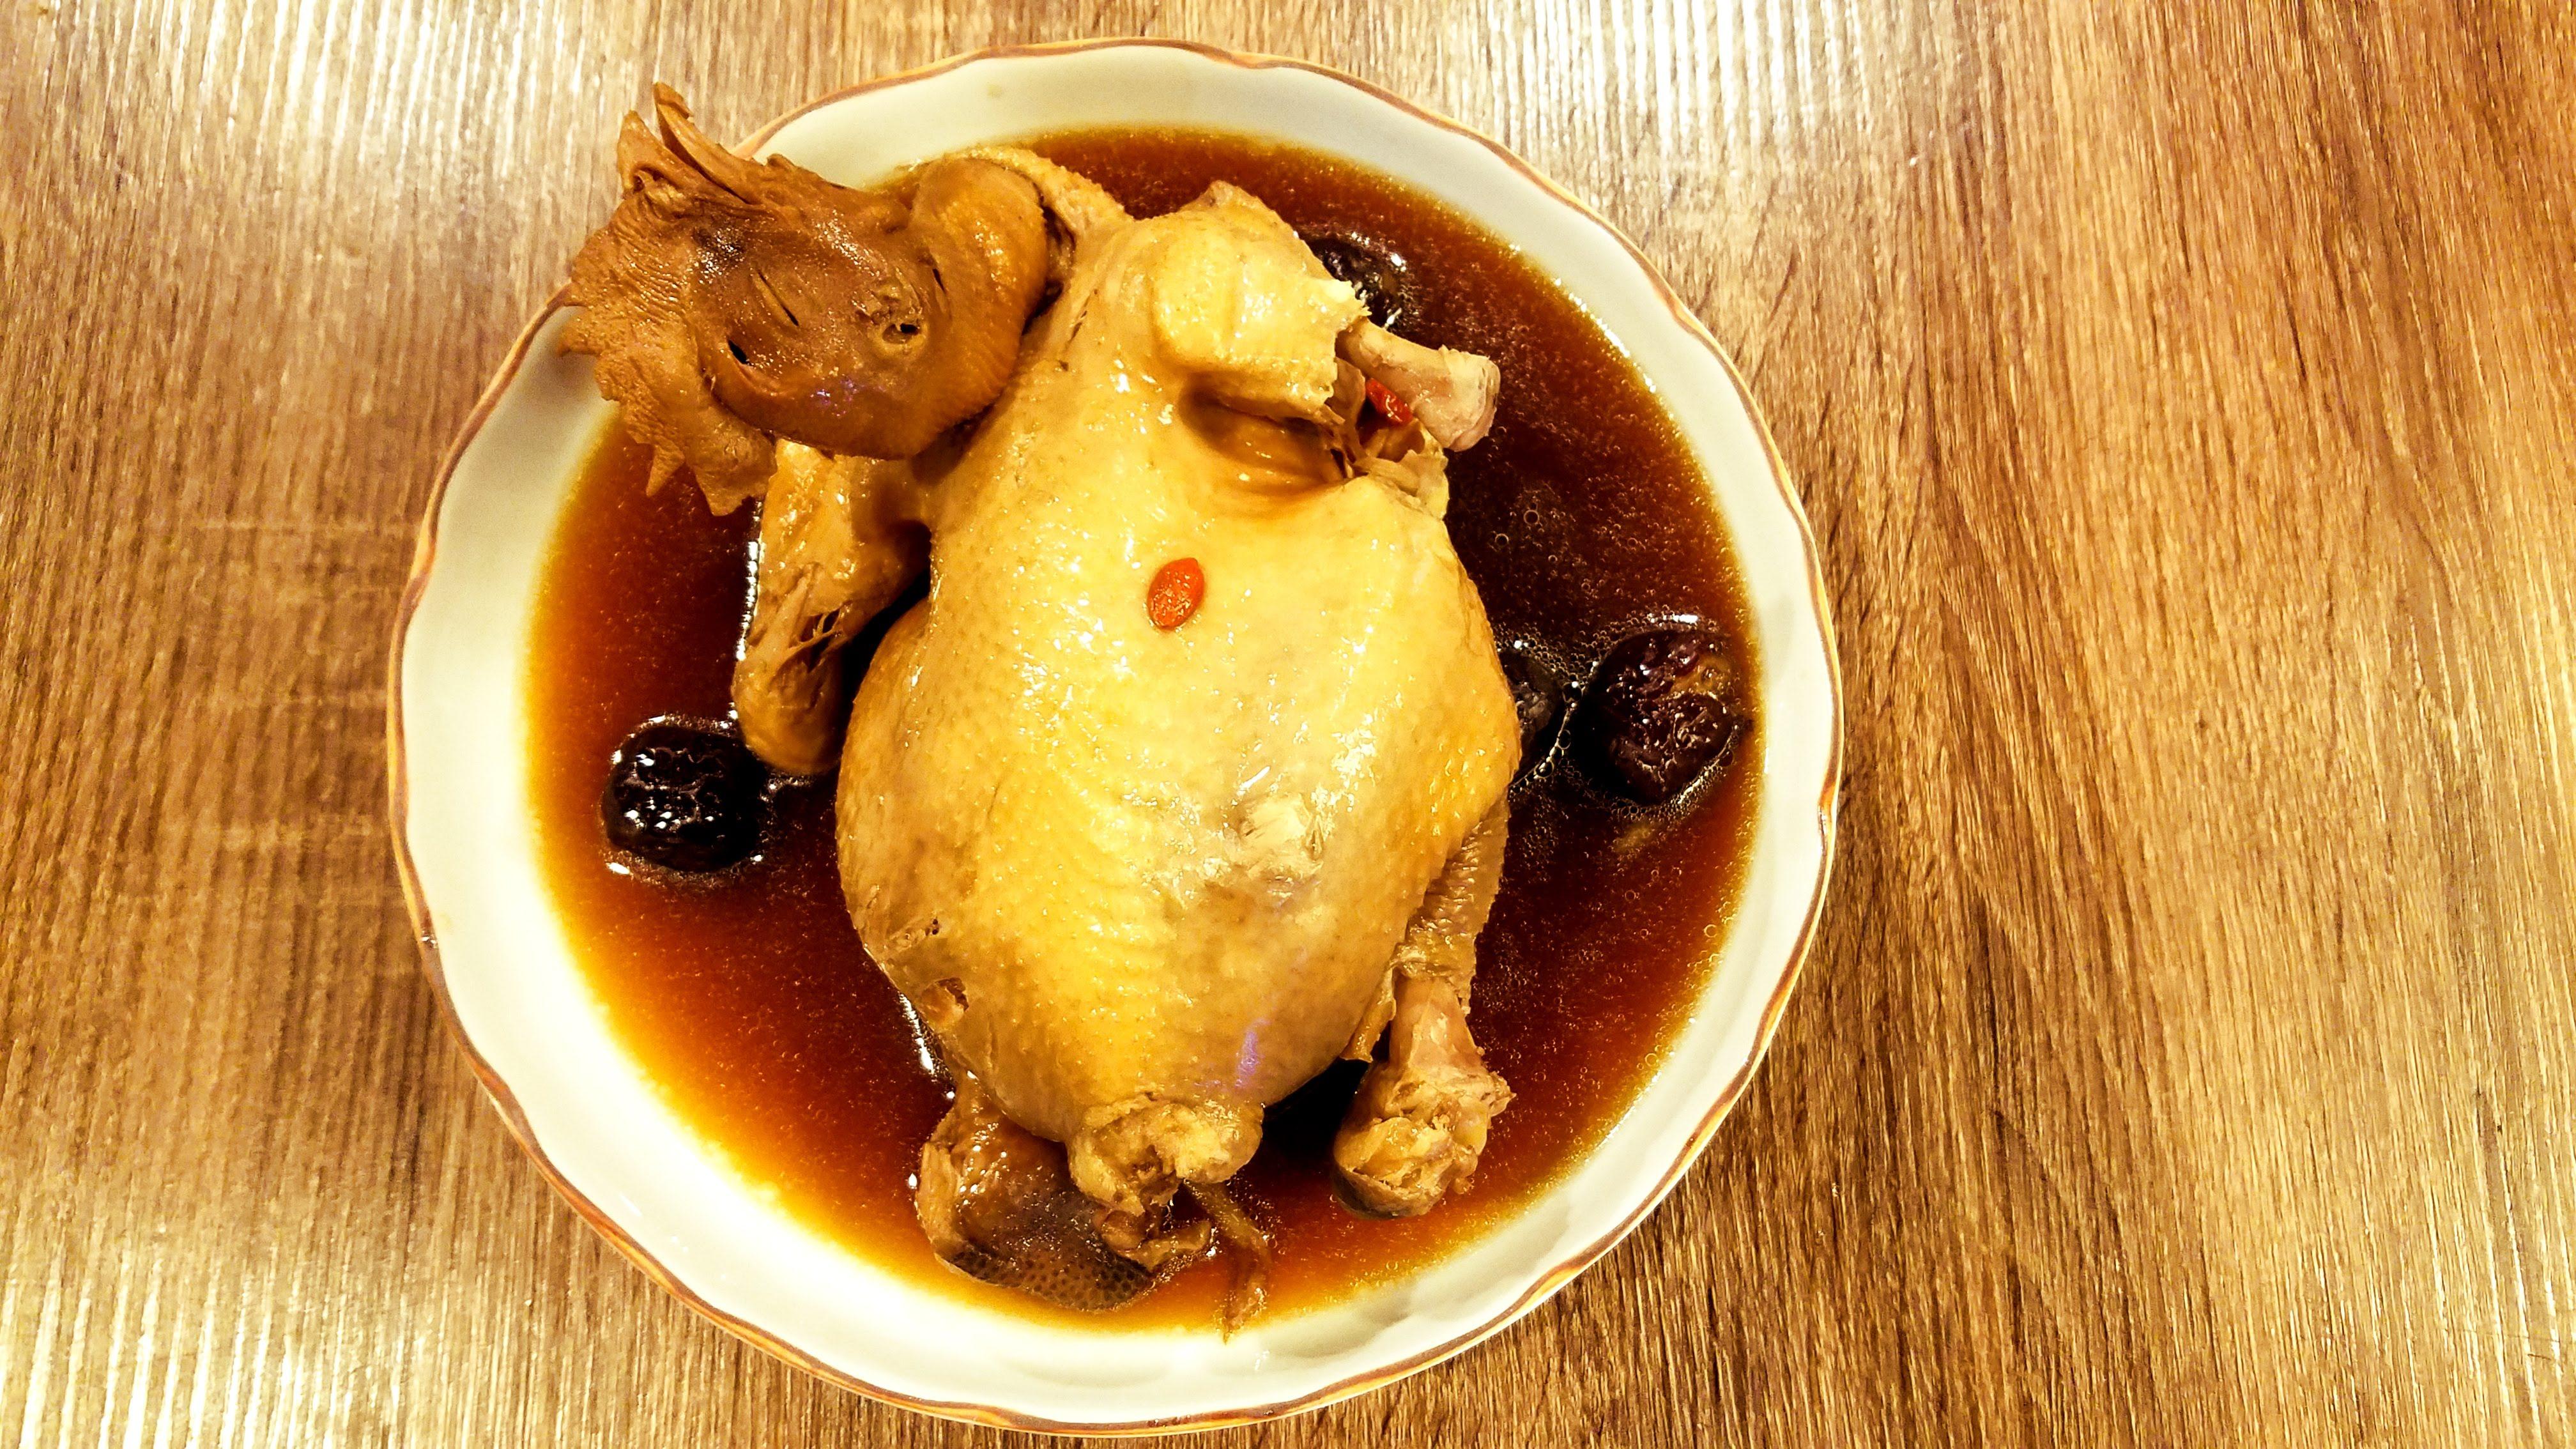 古味黑蒜燉土雞-【利津食品行】辦桌 宴席 湯品 燉品 土雞 養生 古早味 冷凍食品